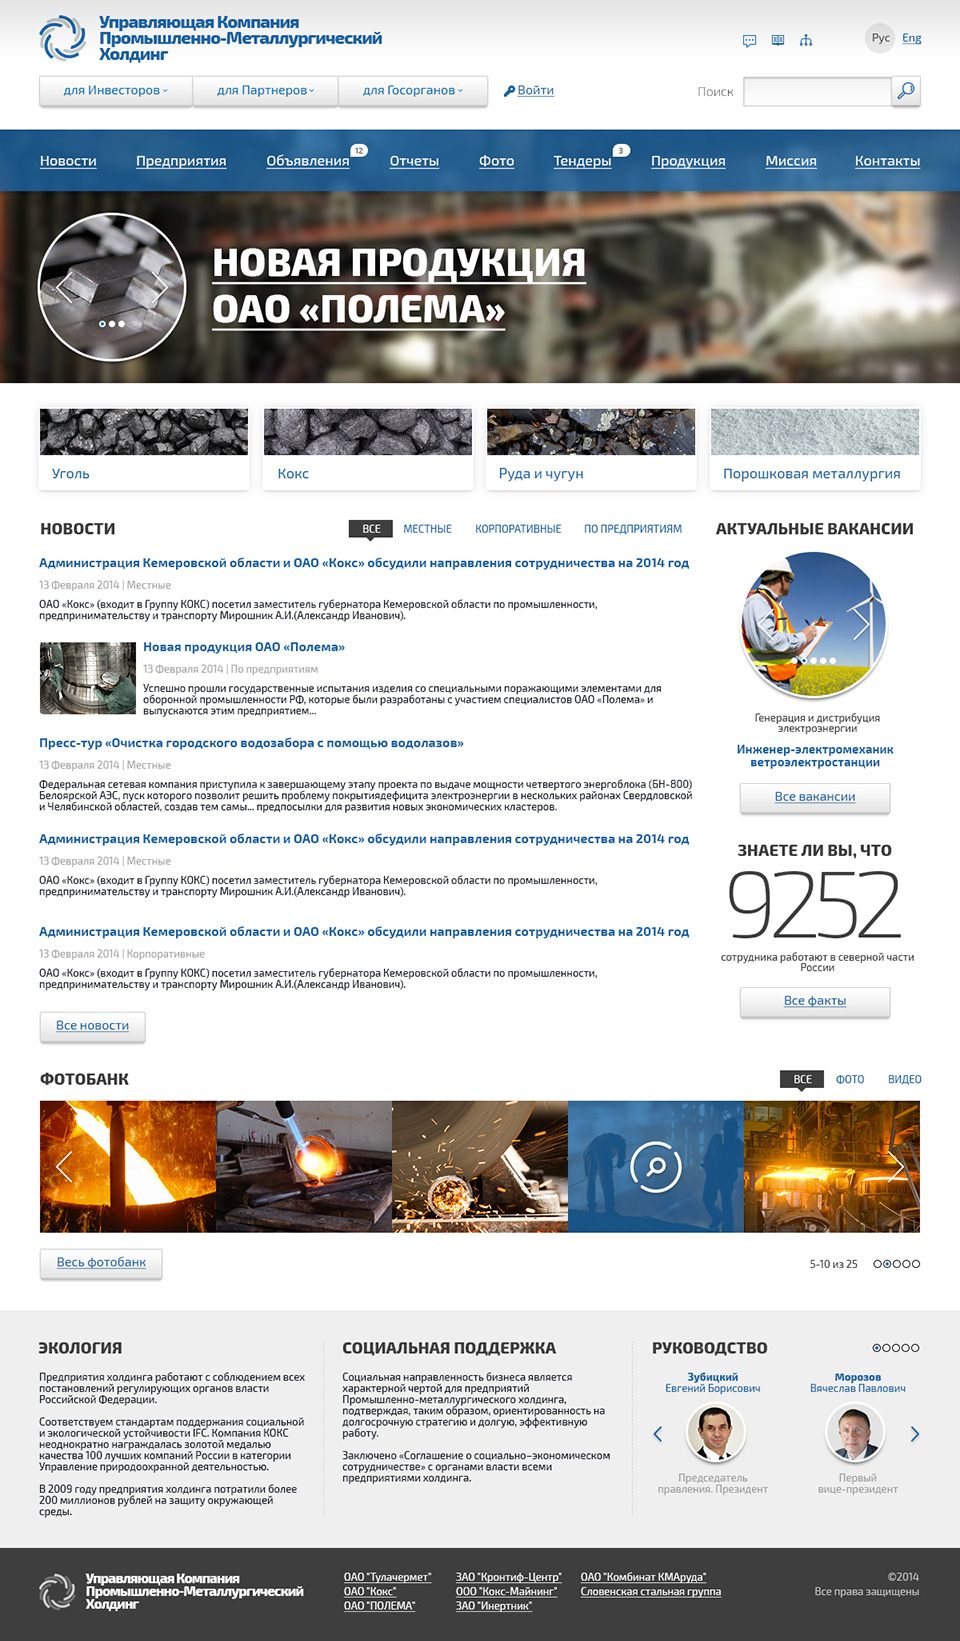 DigiTdesign.org — Управляющая Компания Промышленно-Металлургический Холдинг, дизайн сайта